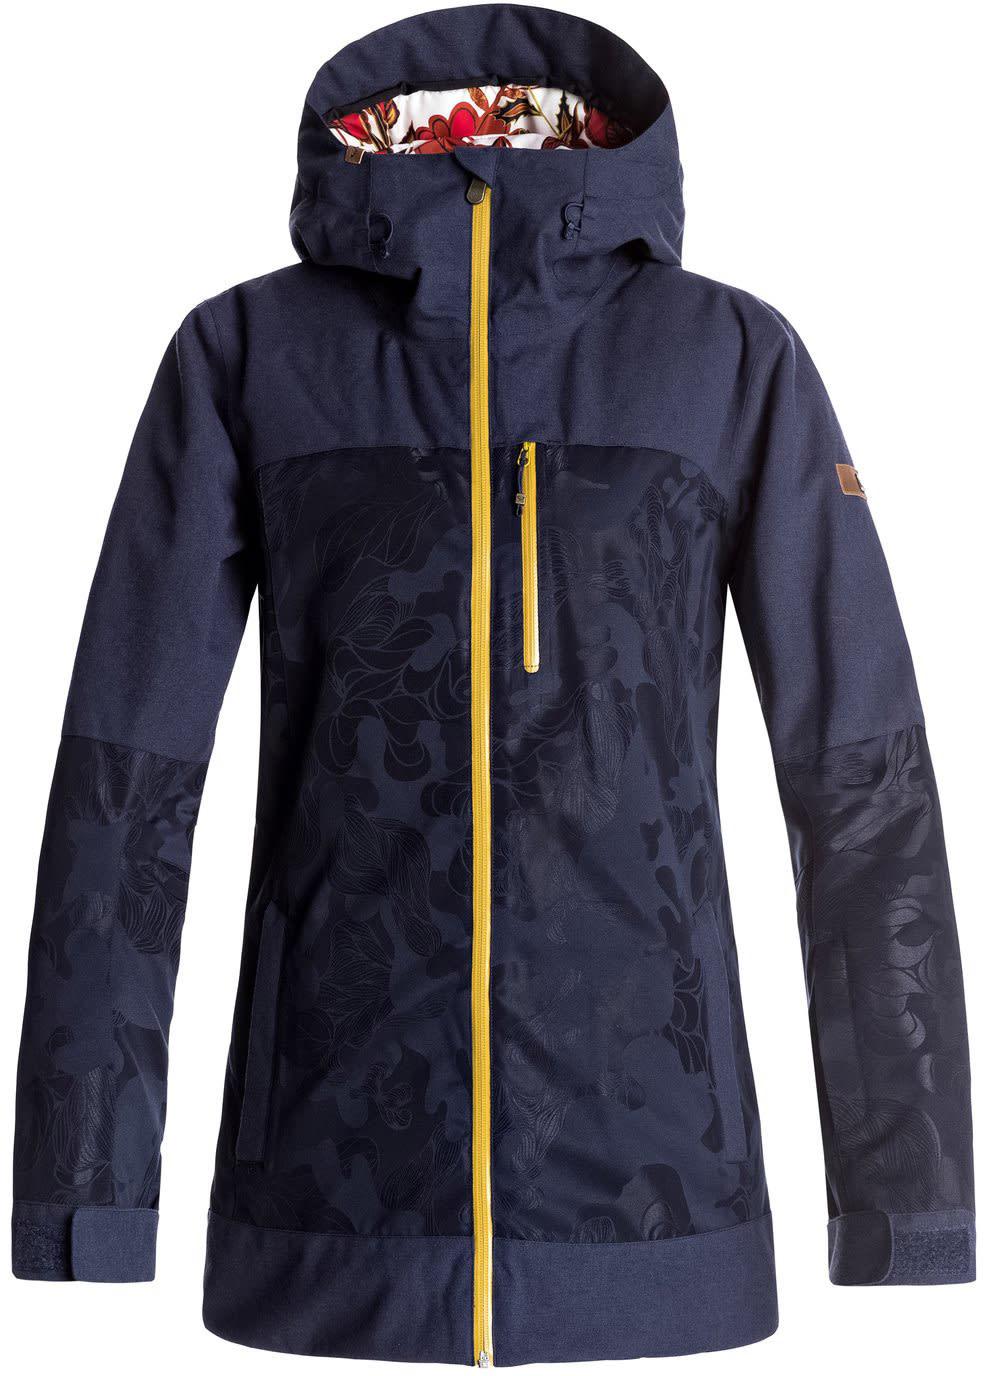 3 In 1 Winter Jacket Womens